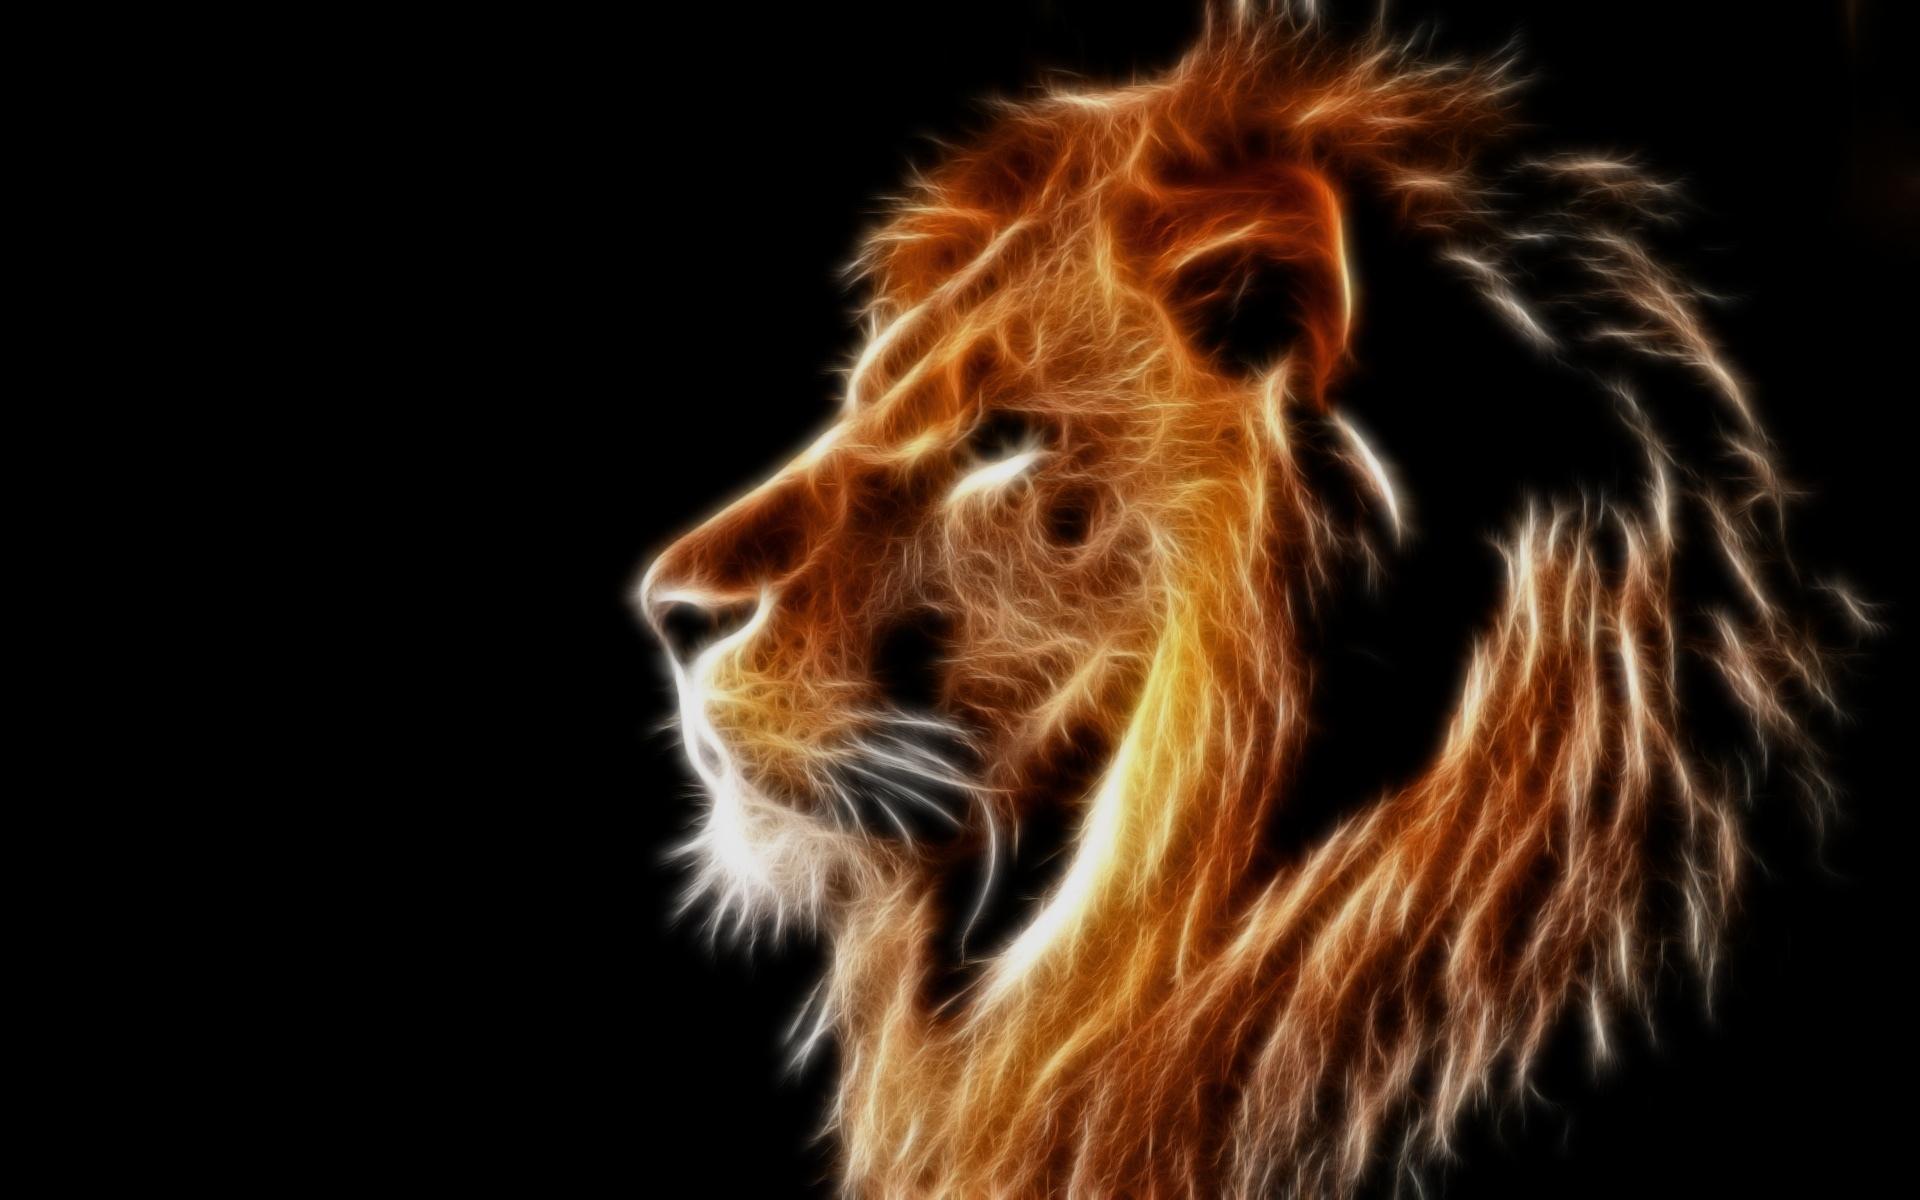 fond d'ecran 3d lion